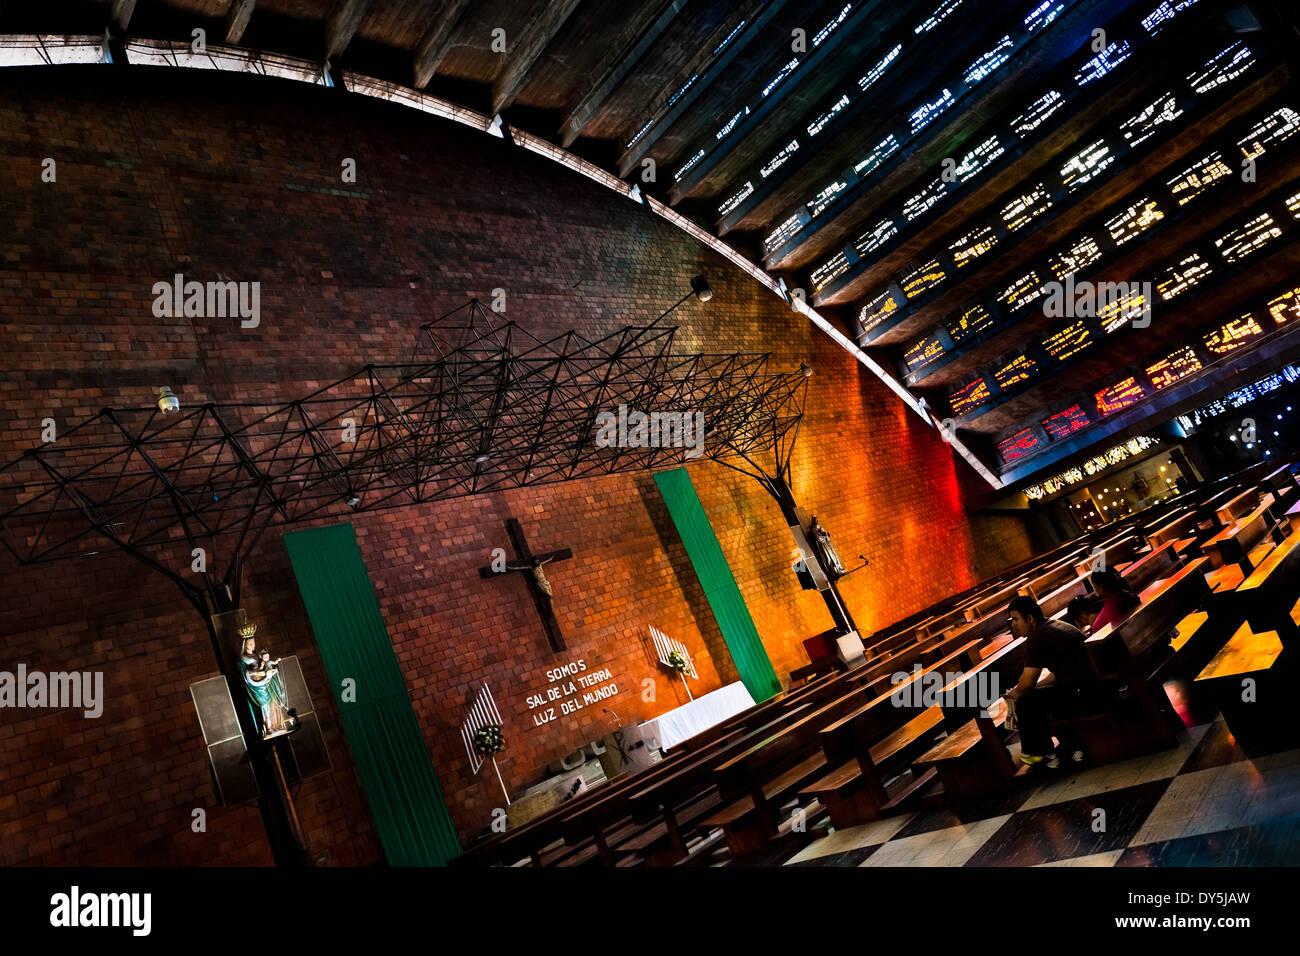 Colorida luz ambiente es visto en el interior de la iglesia de el rosario en el rosario iglesia en San Salvador, El Salvador. Imagen De Stock